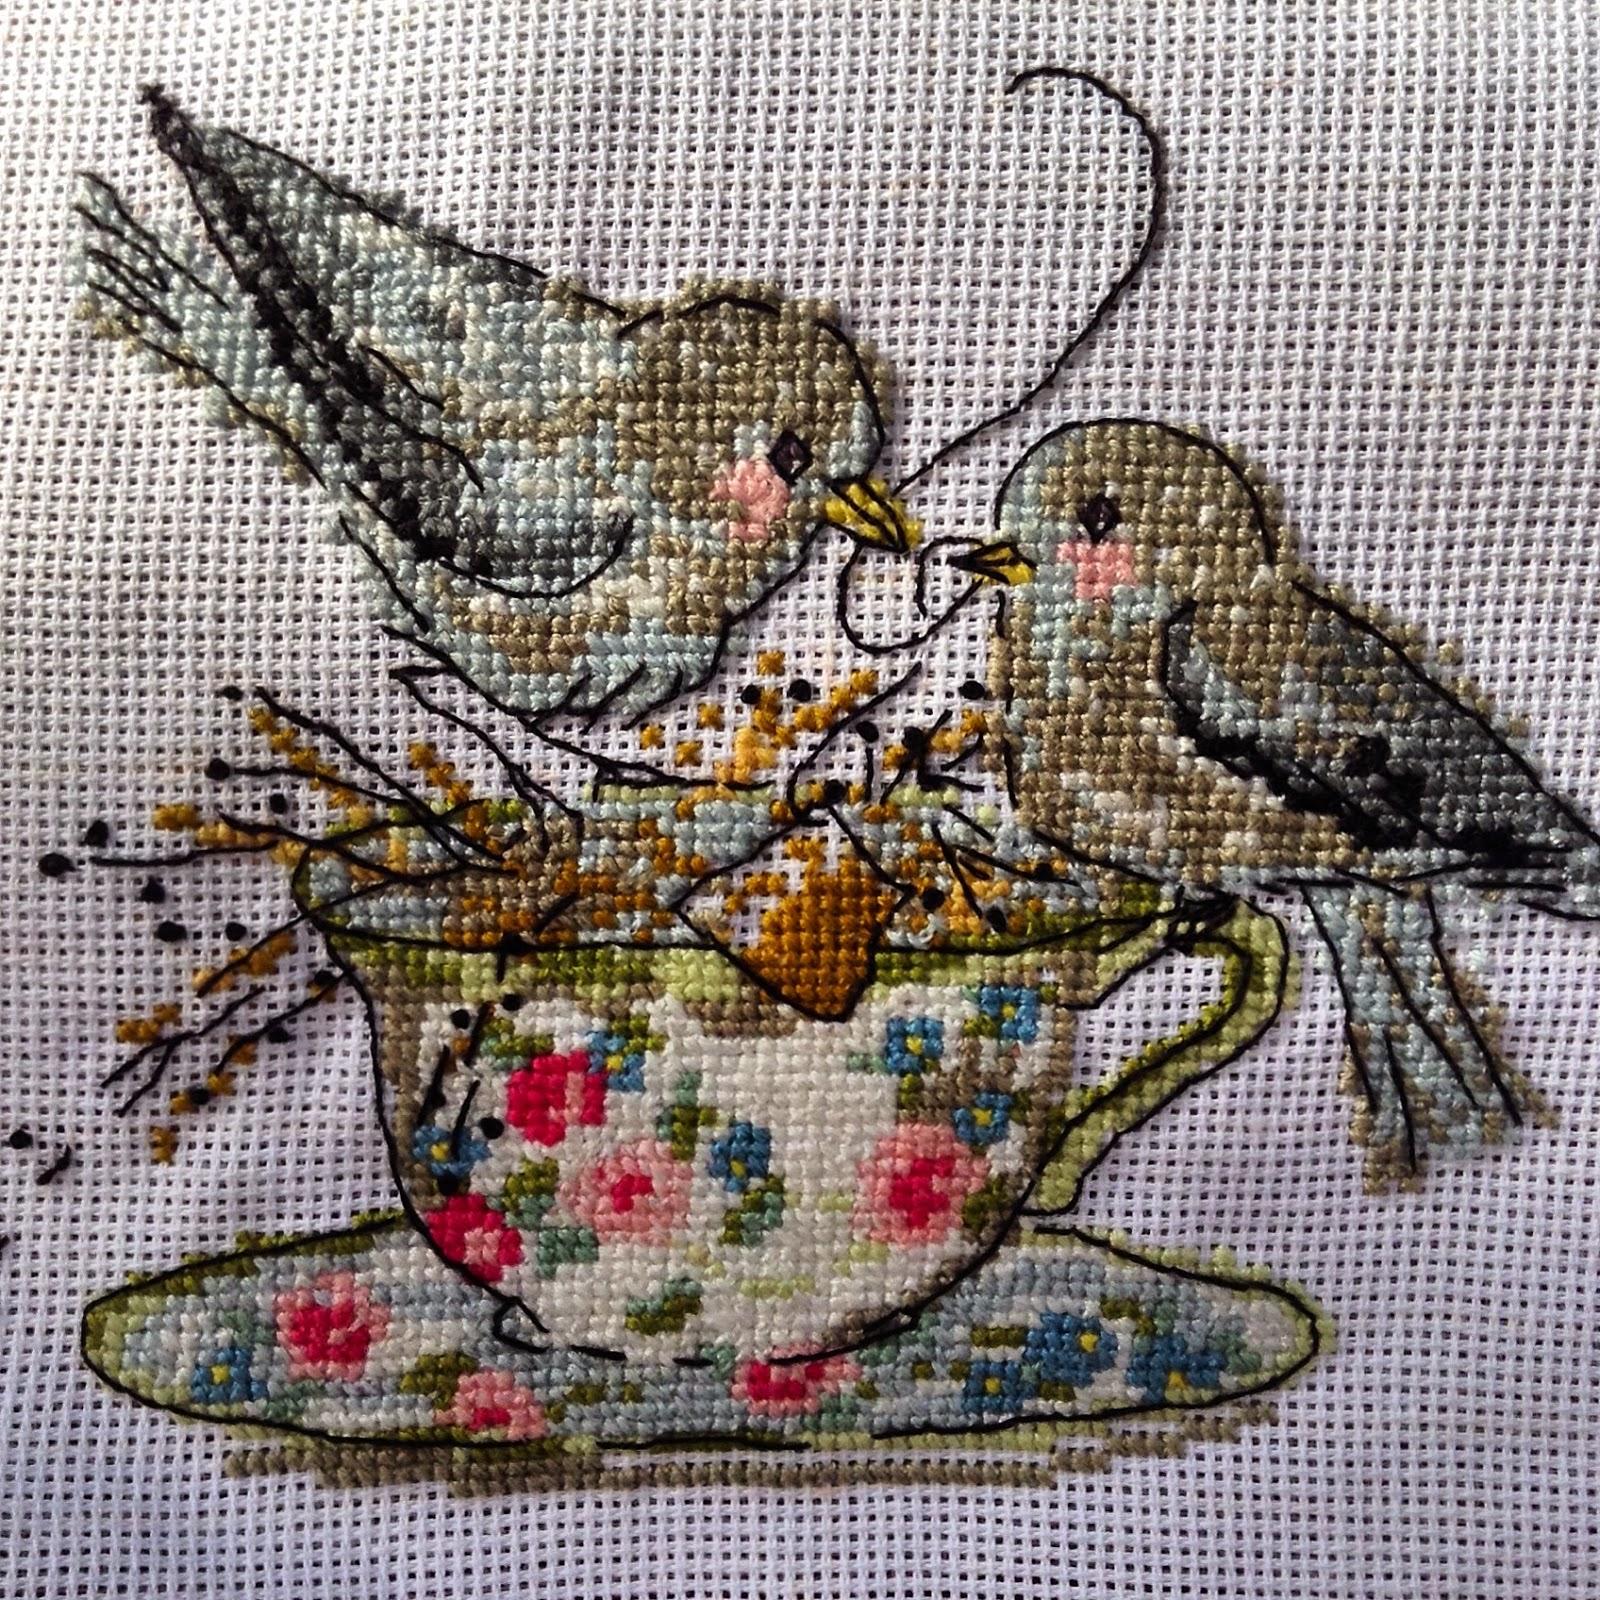 oiseaux dans une tasse de thé point de croix